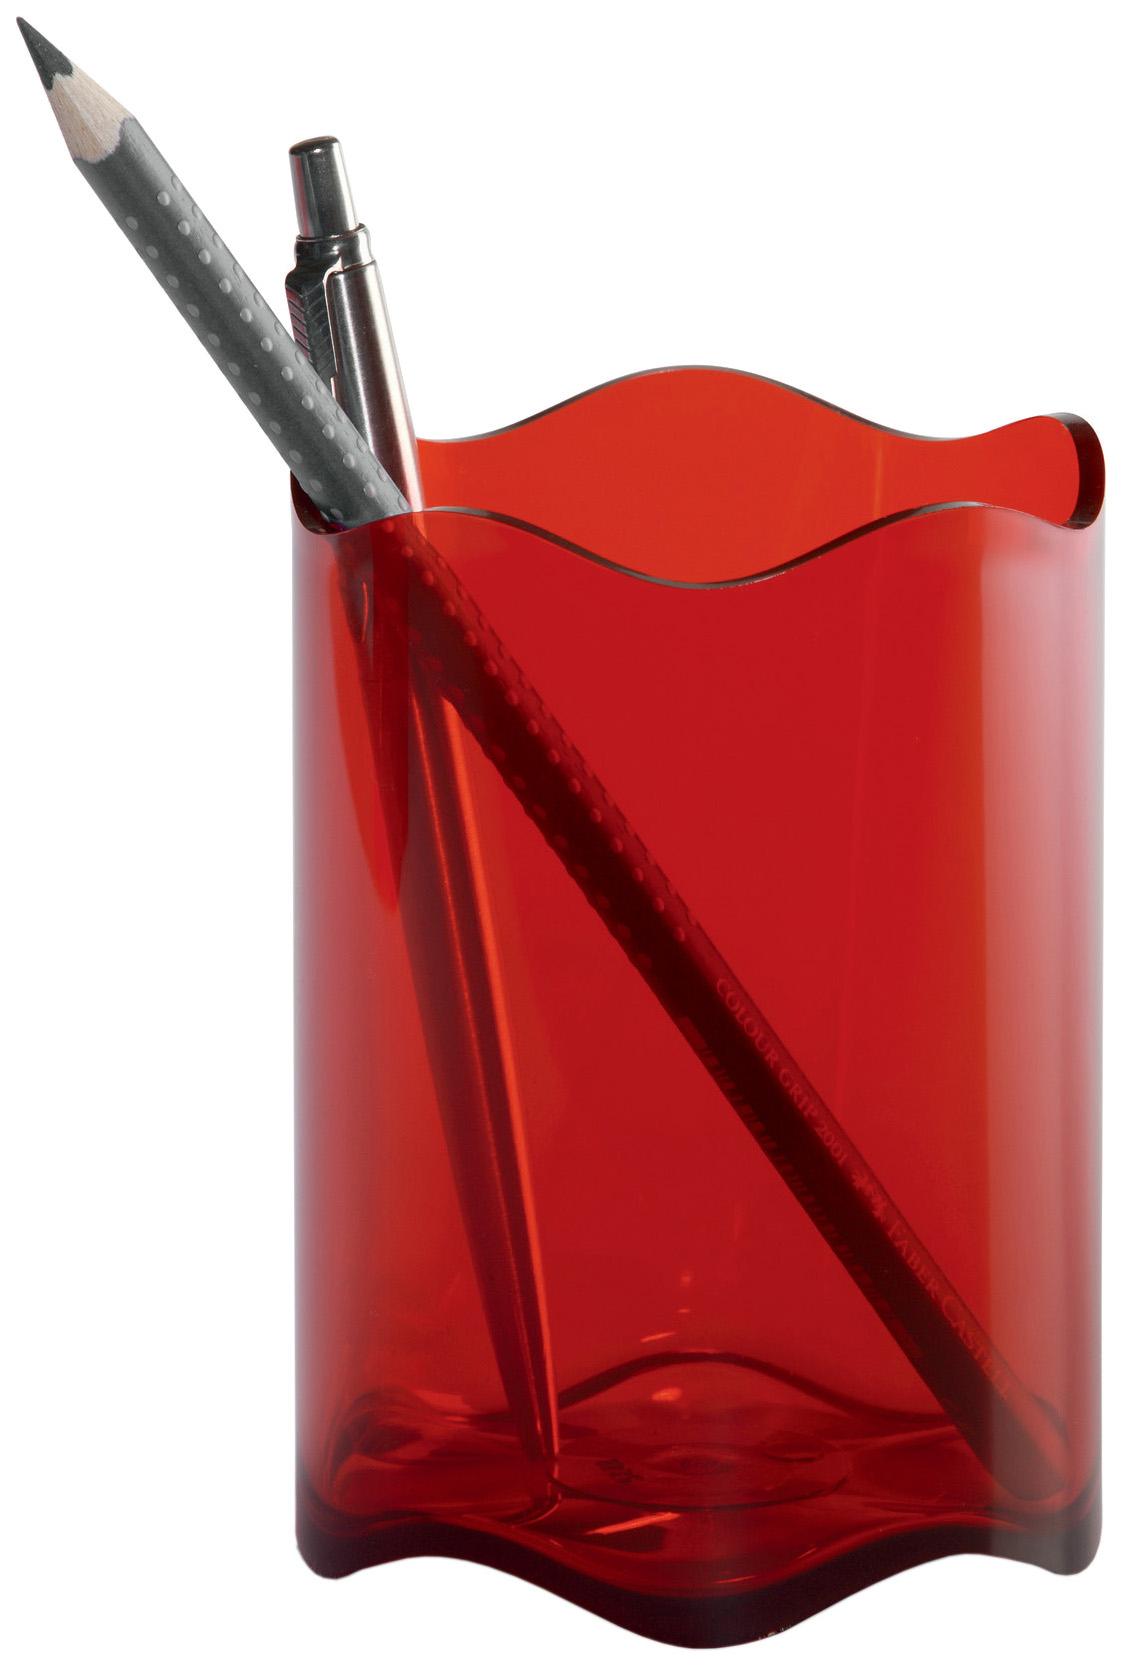 Стакан для пишущих принадлежностей DURABLE TREND 1701235003 Красный